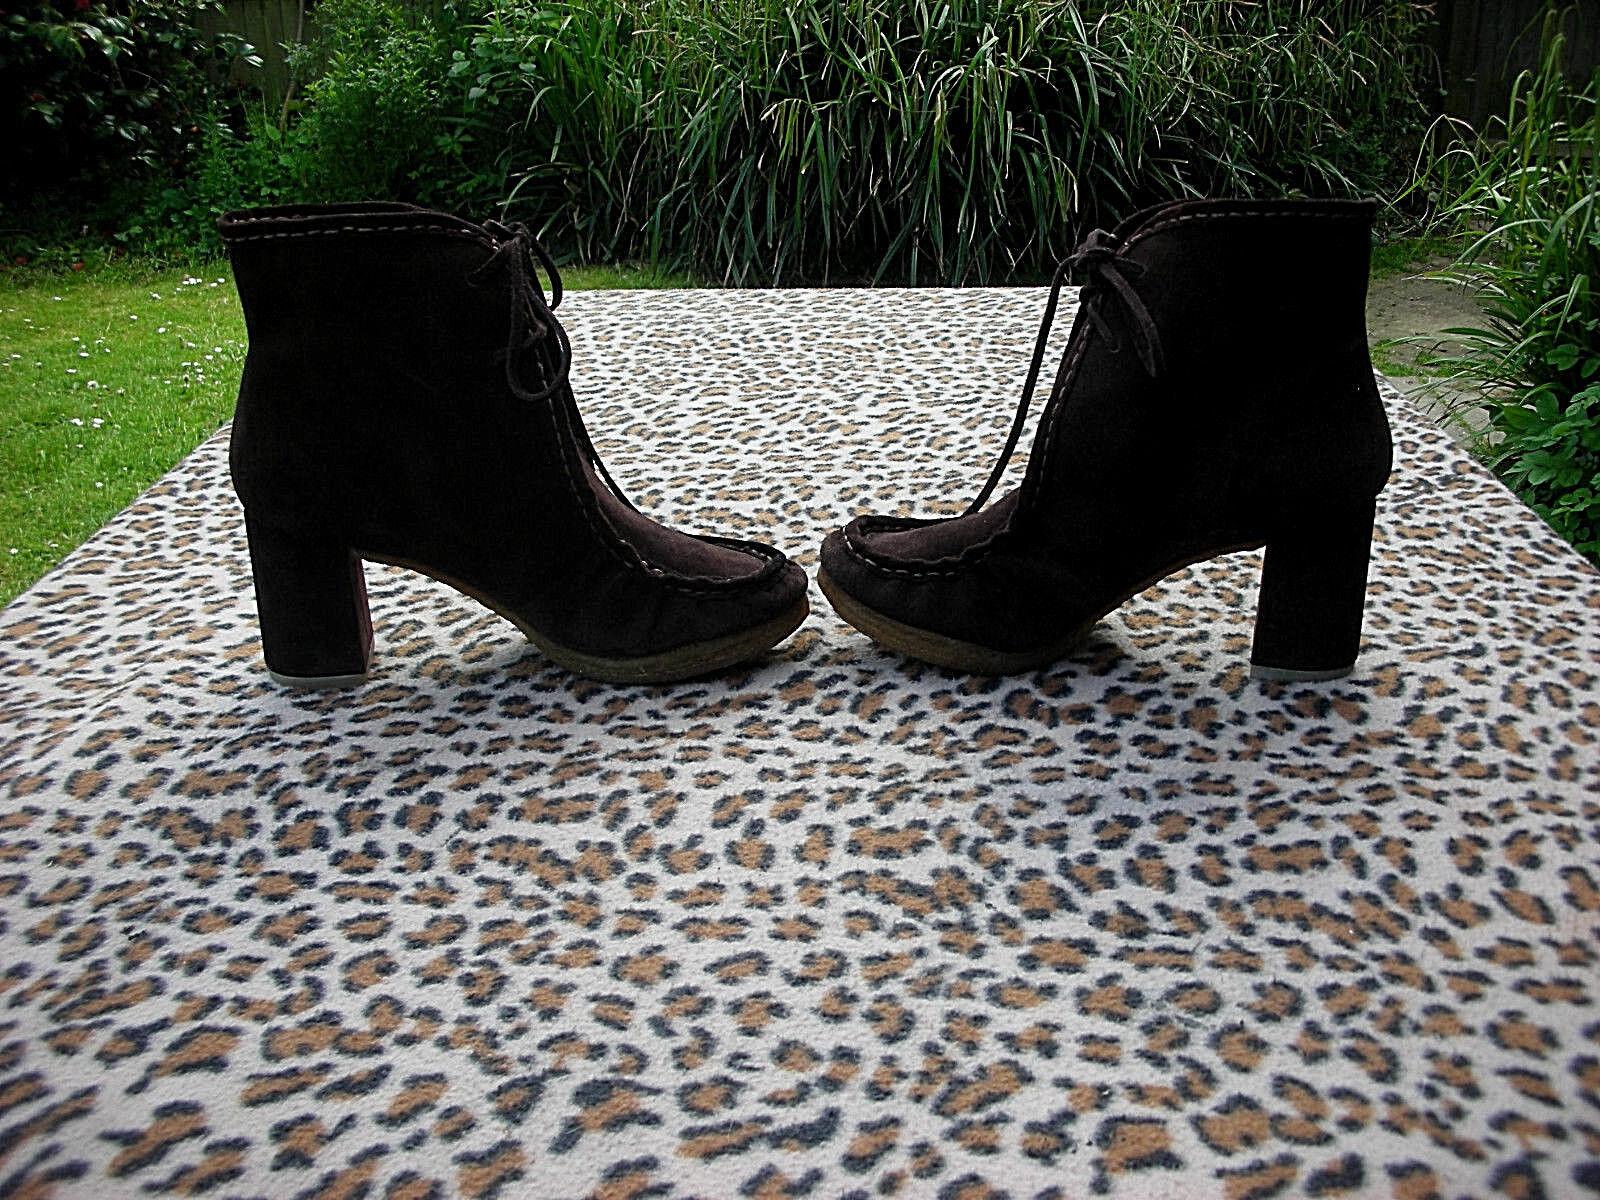 Clarks Originals Marrón Cuero Con Cordones botas al Tobillo Talla 8